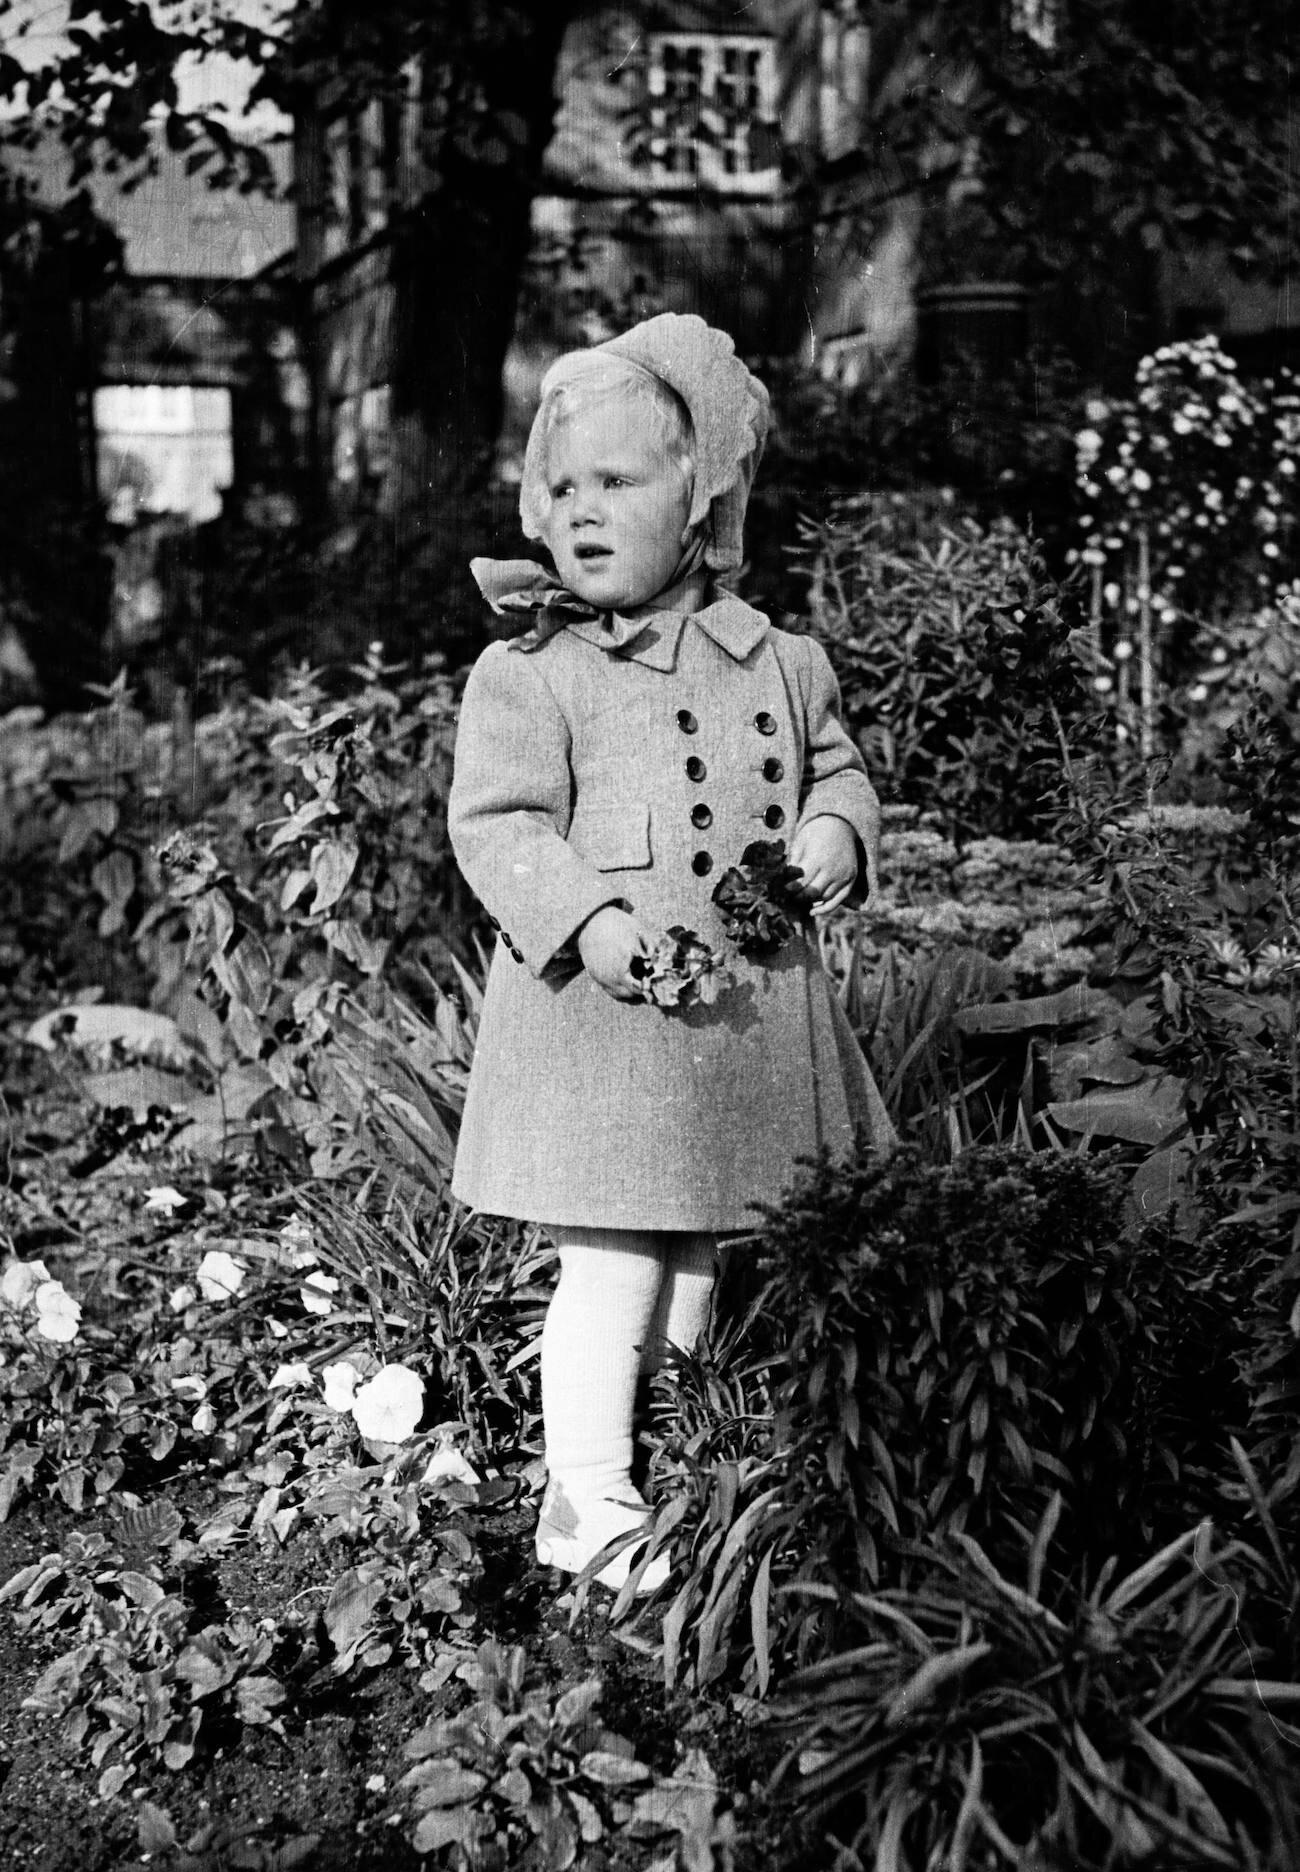 Margrethe war fünf Jahre alt, als der Zweite Weltkrieg endete. Sie erinnert sich bis heute an einen Bombenalarm am helllichten Tag.  © Picture Alliance